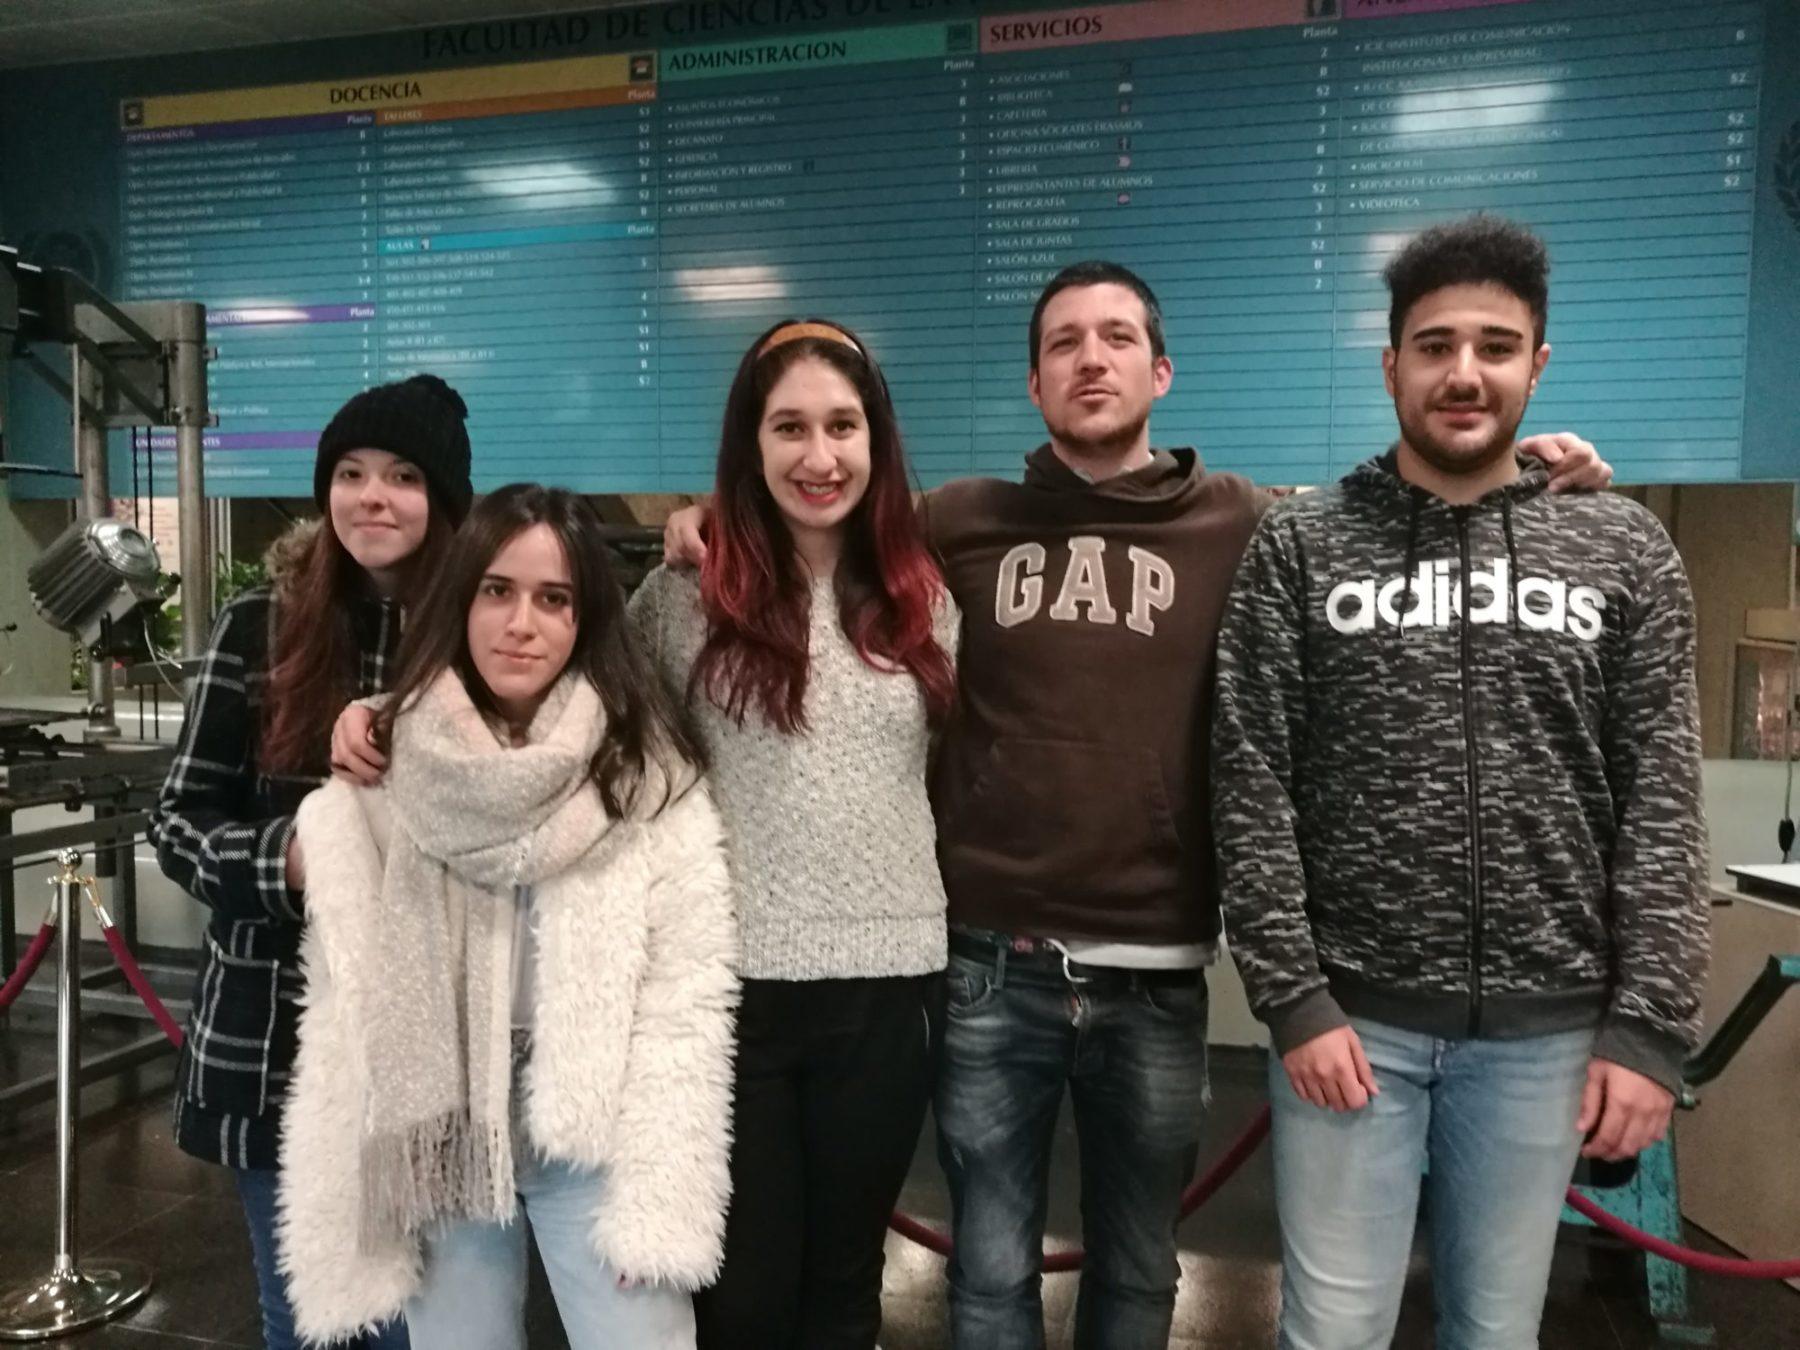 Alba Bueno, Lorena Constenla, Katherine Burgos, Fernando García y Diego Brito